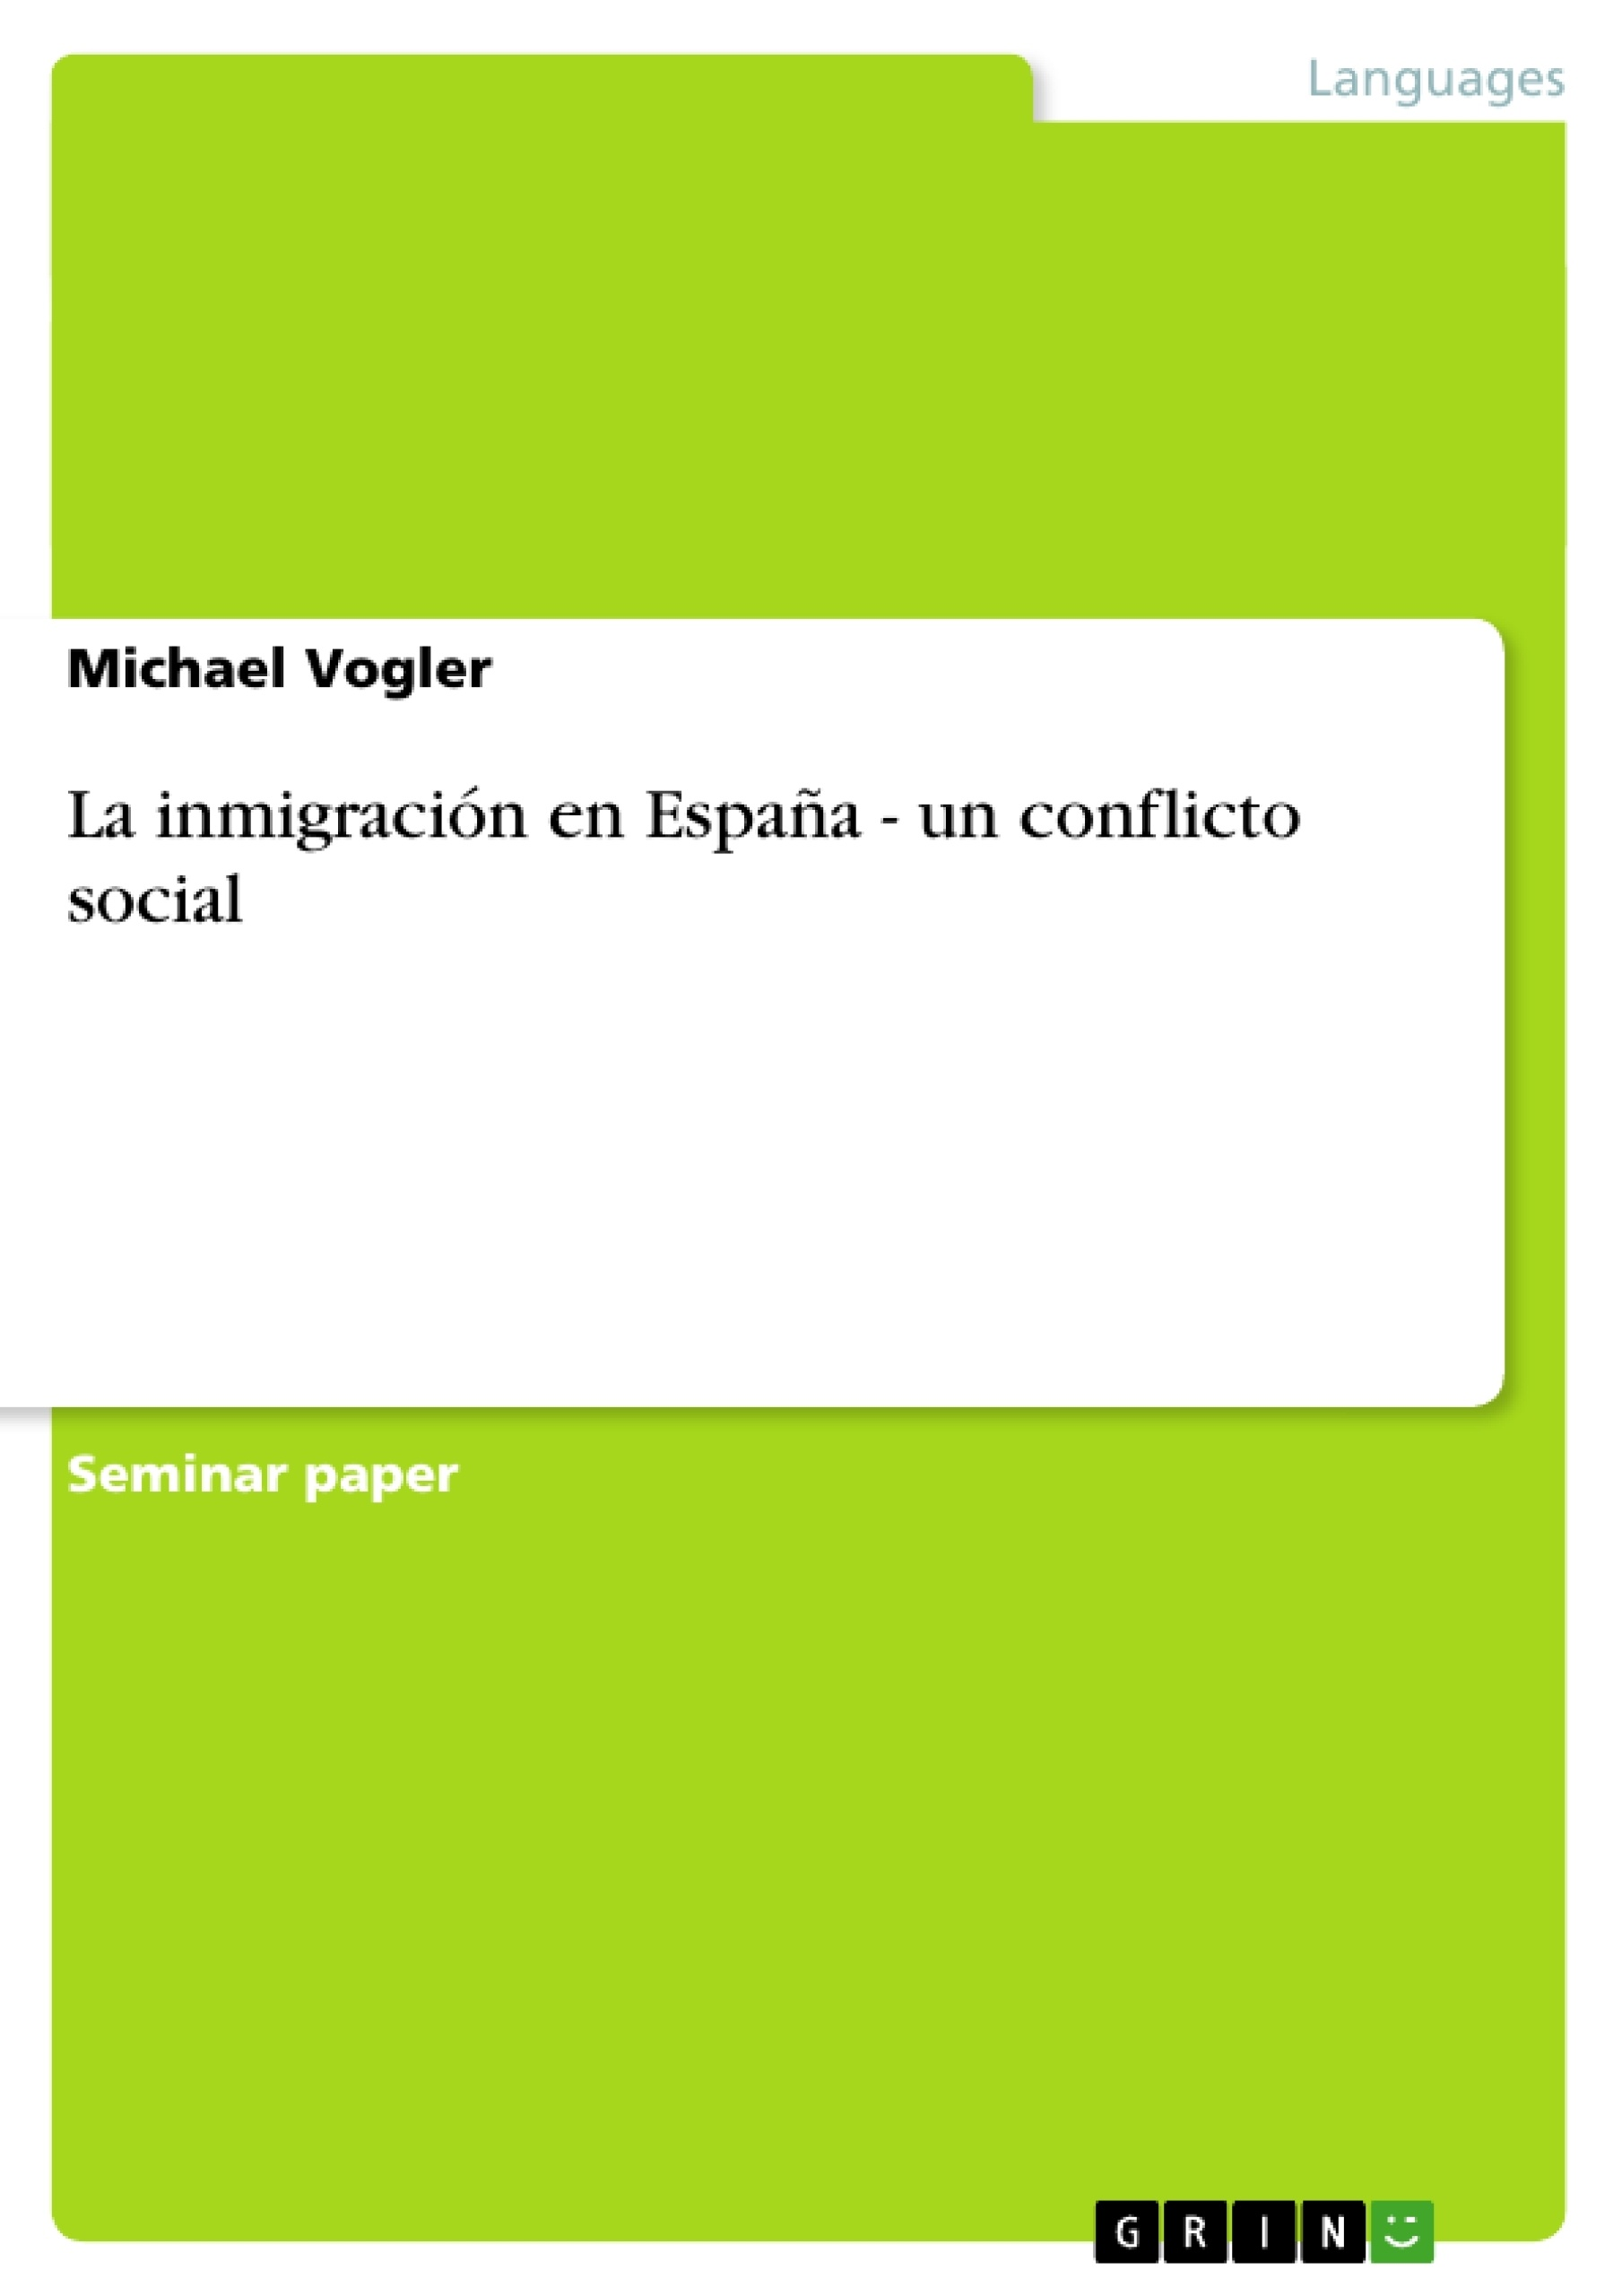 Título: La inmigración en España - un conflicto social